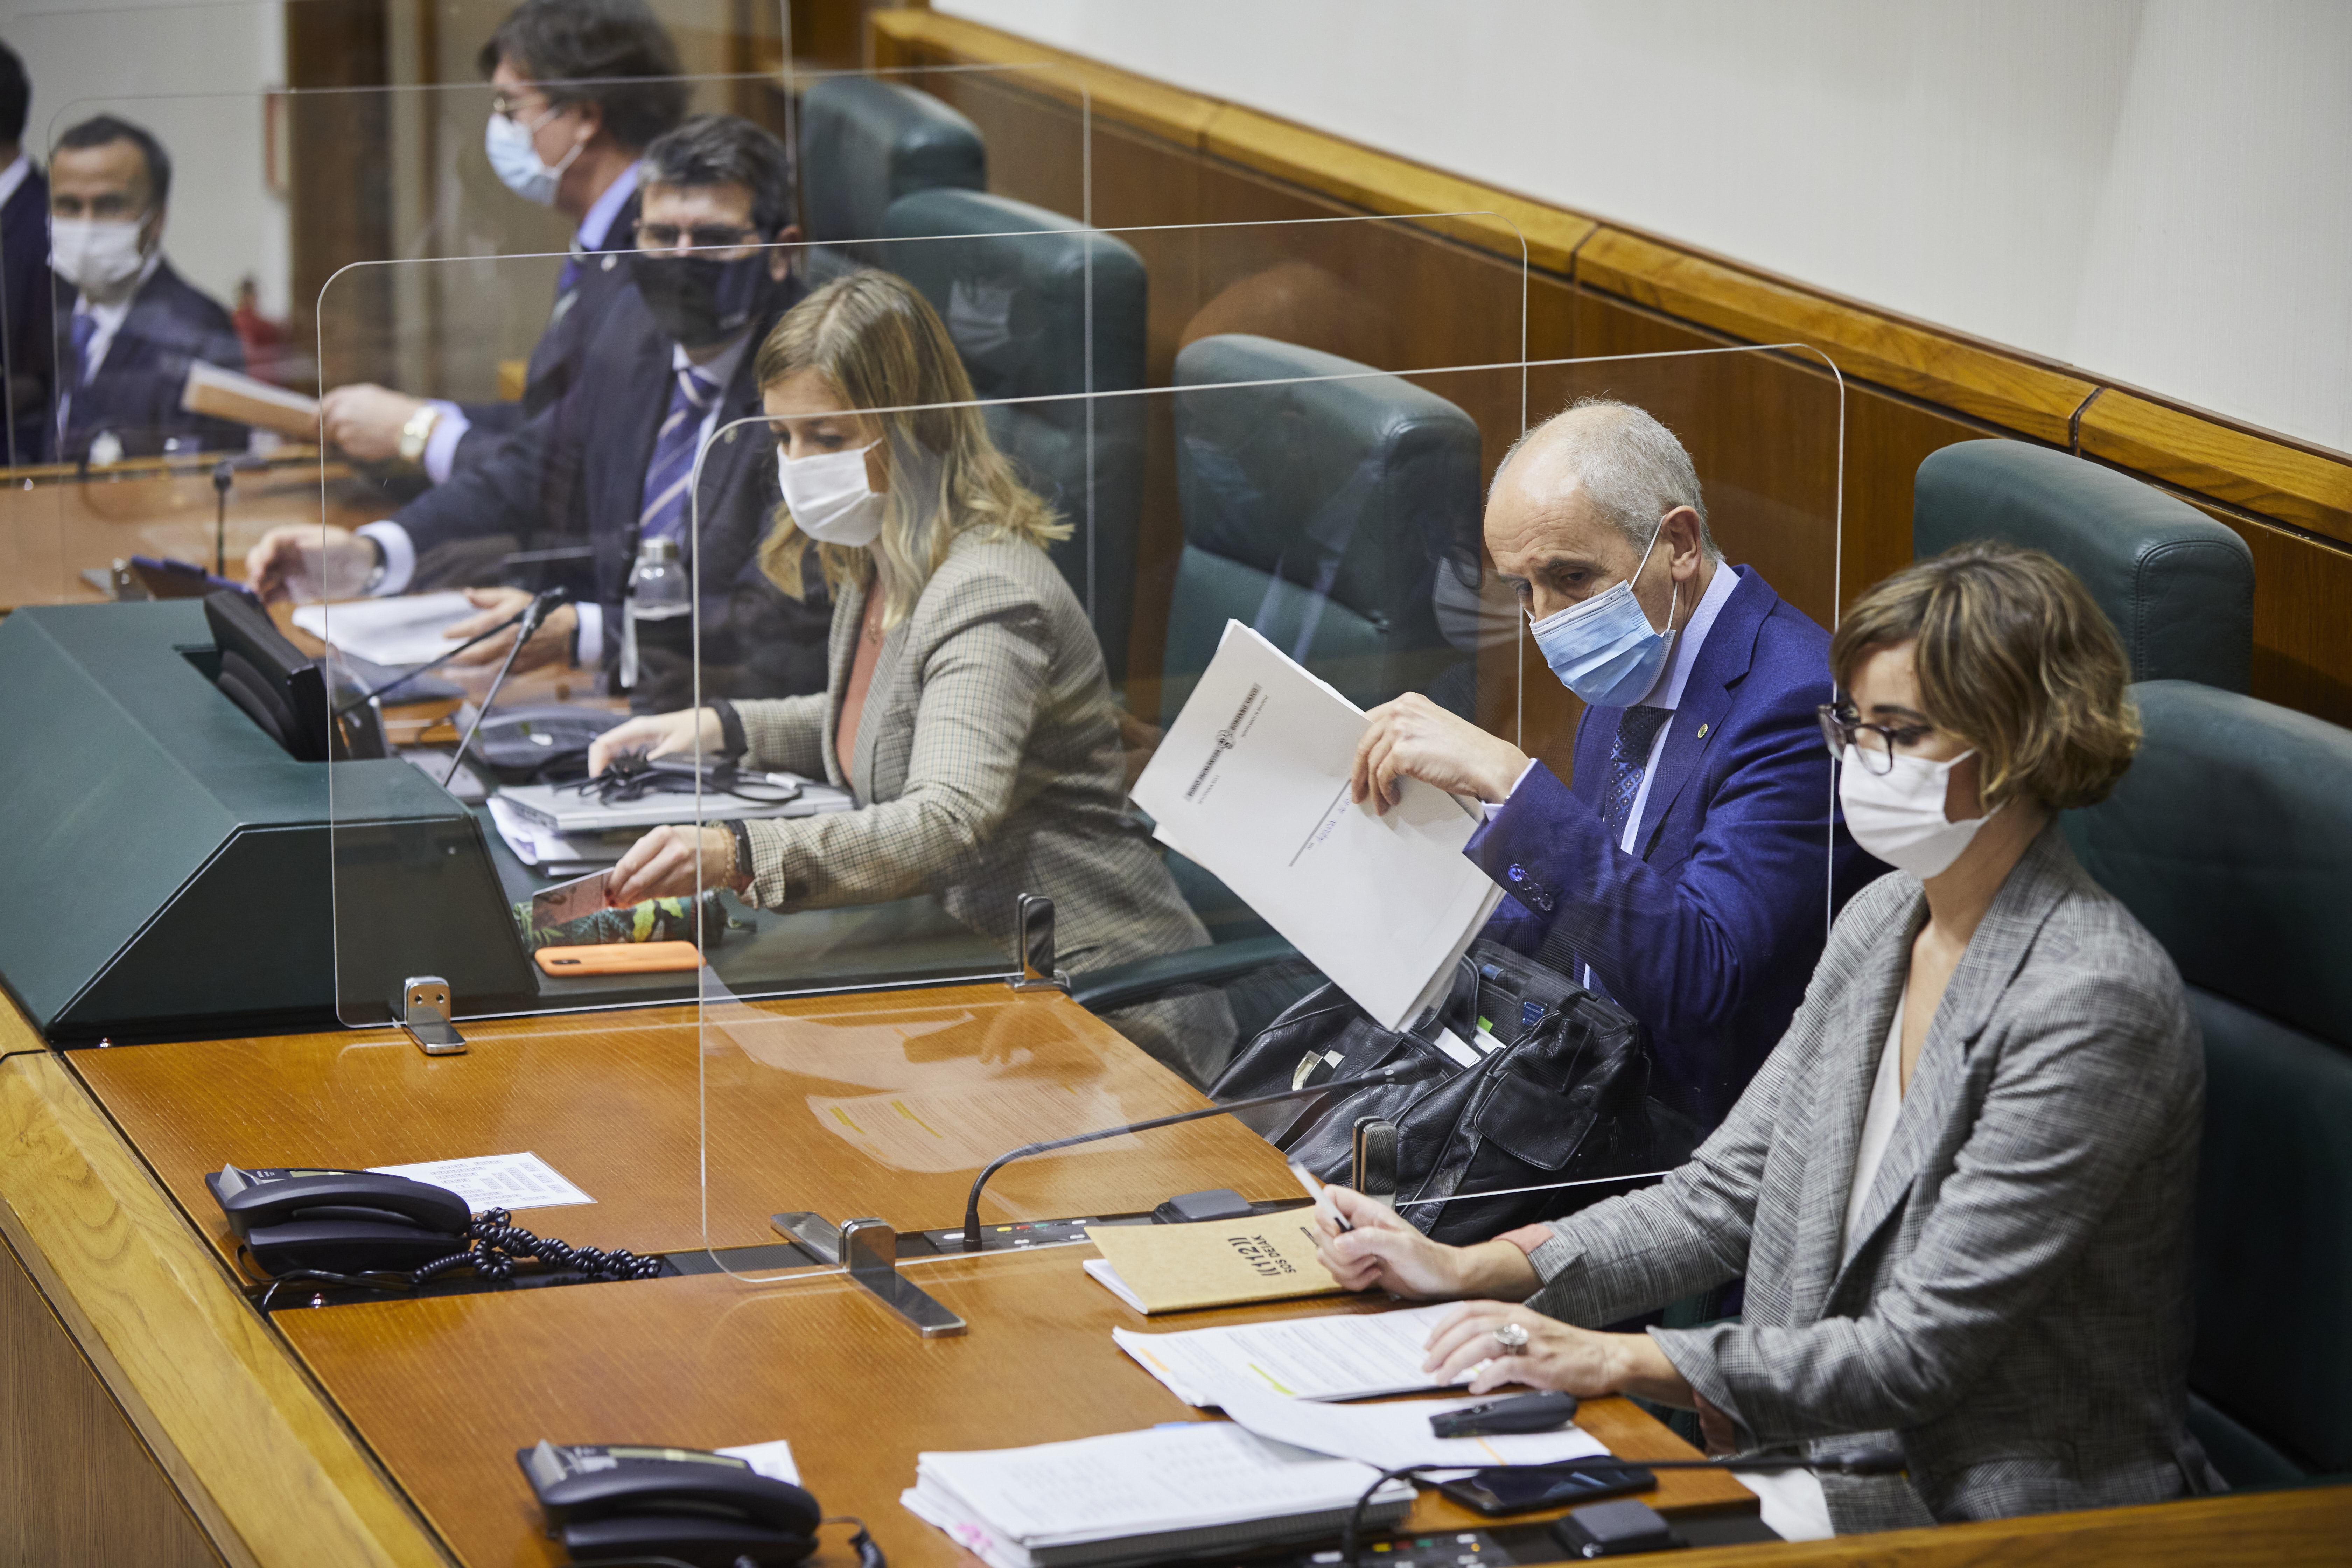 El Gobierno comienza, en 2021, a extender el uso de sistemas de grabación a las patrullas de seguridad ciudadana de Vitoria-Gasteiz, Bilbao e Irún [130:56]